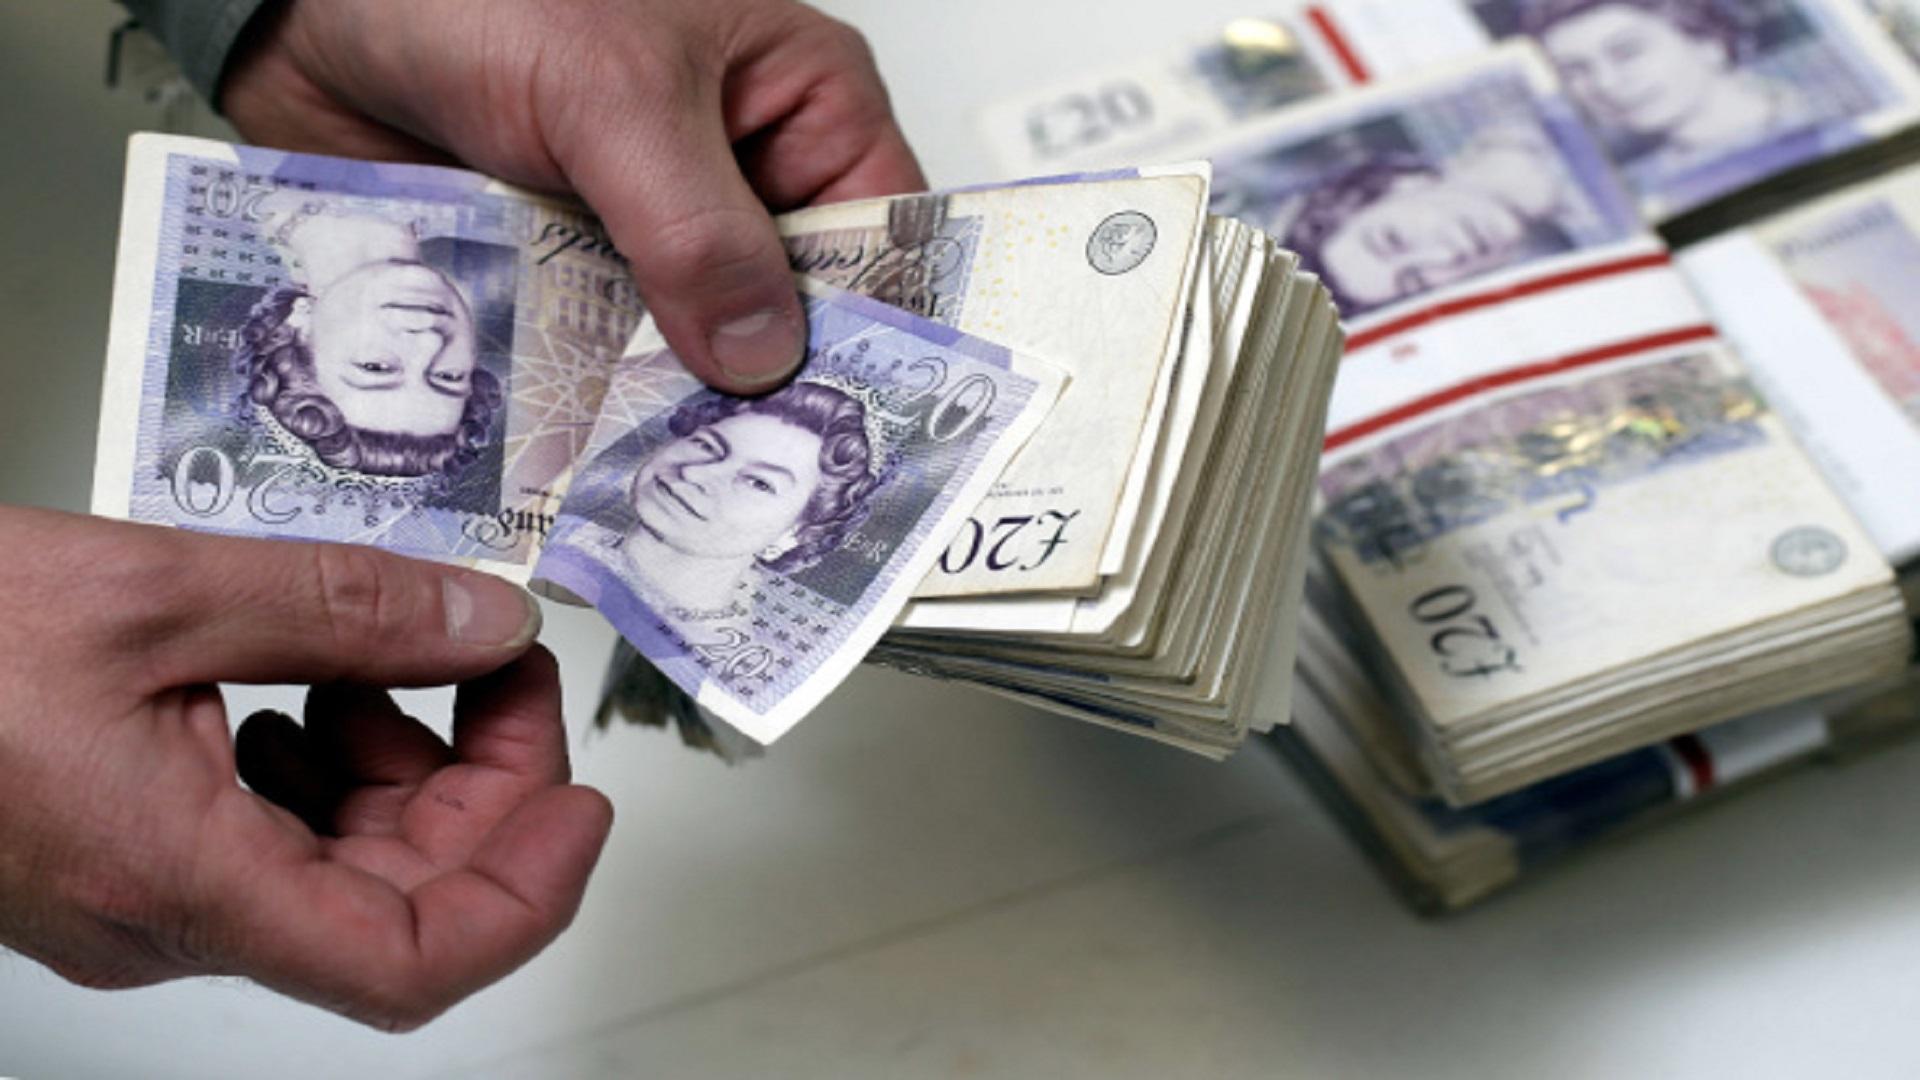 شركات التأمين البريطانية تدفع تعويضات بـ 3.5 مليار دولار